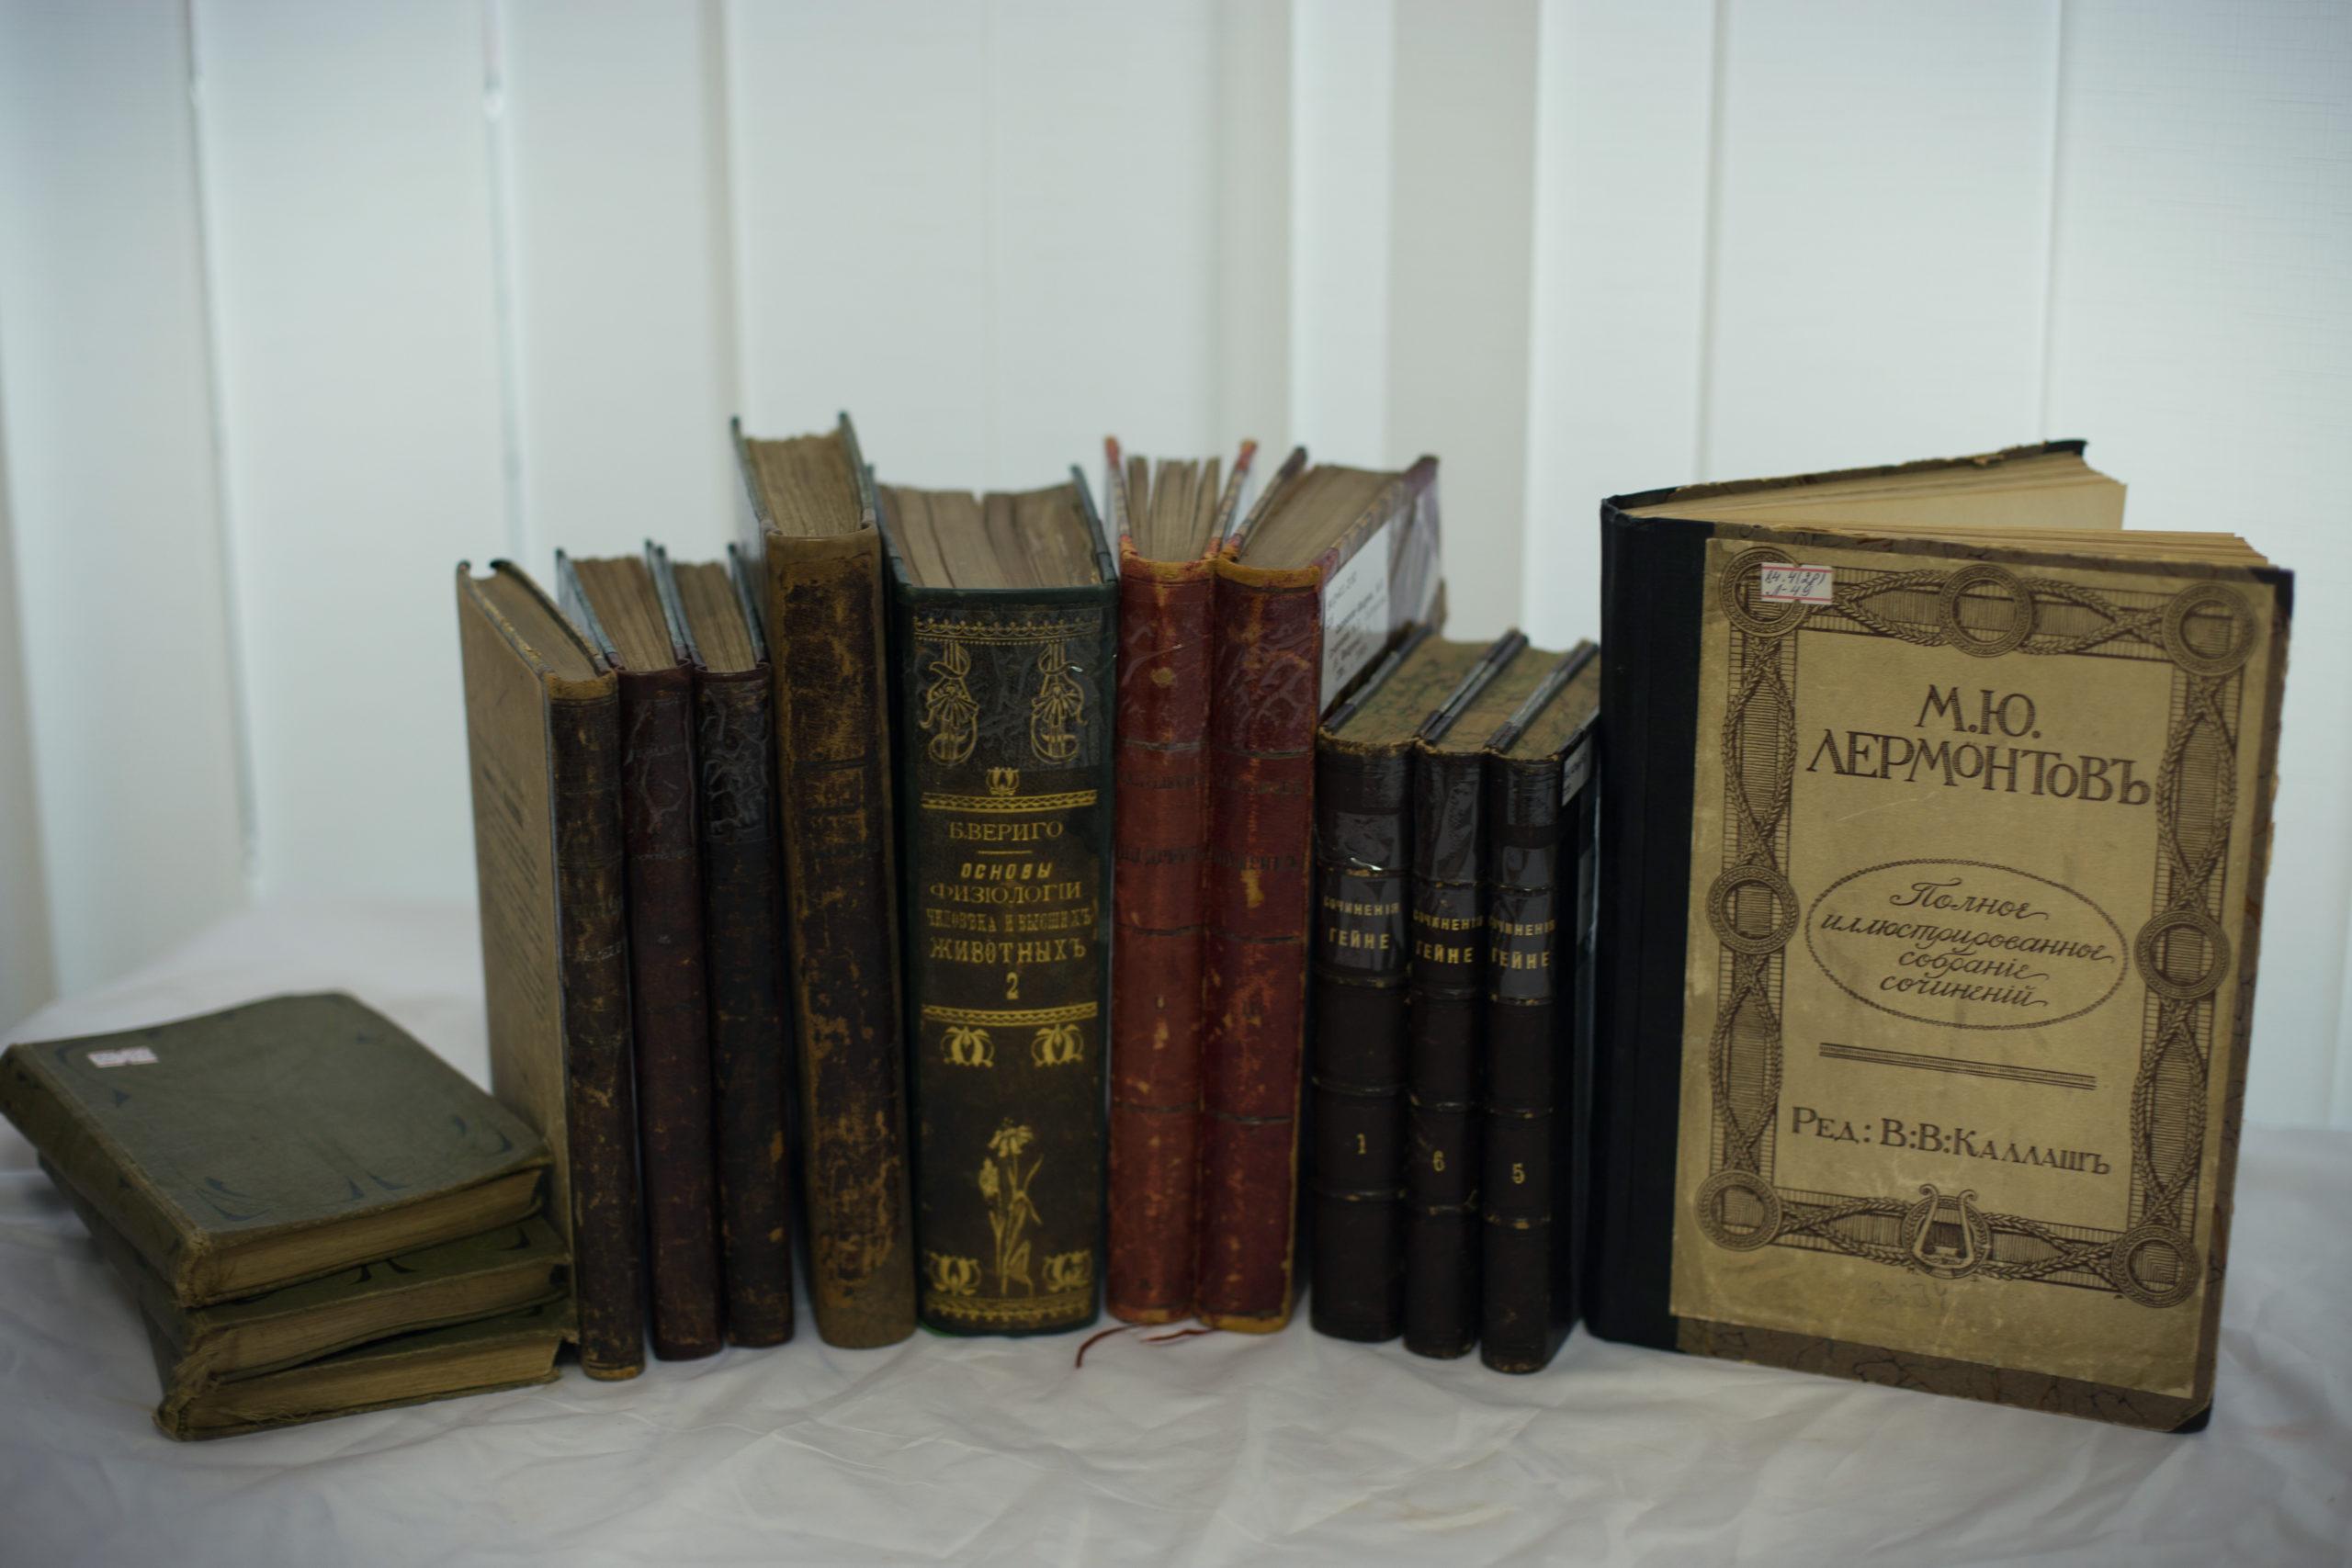 Фундаментальная библиотека